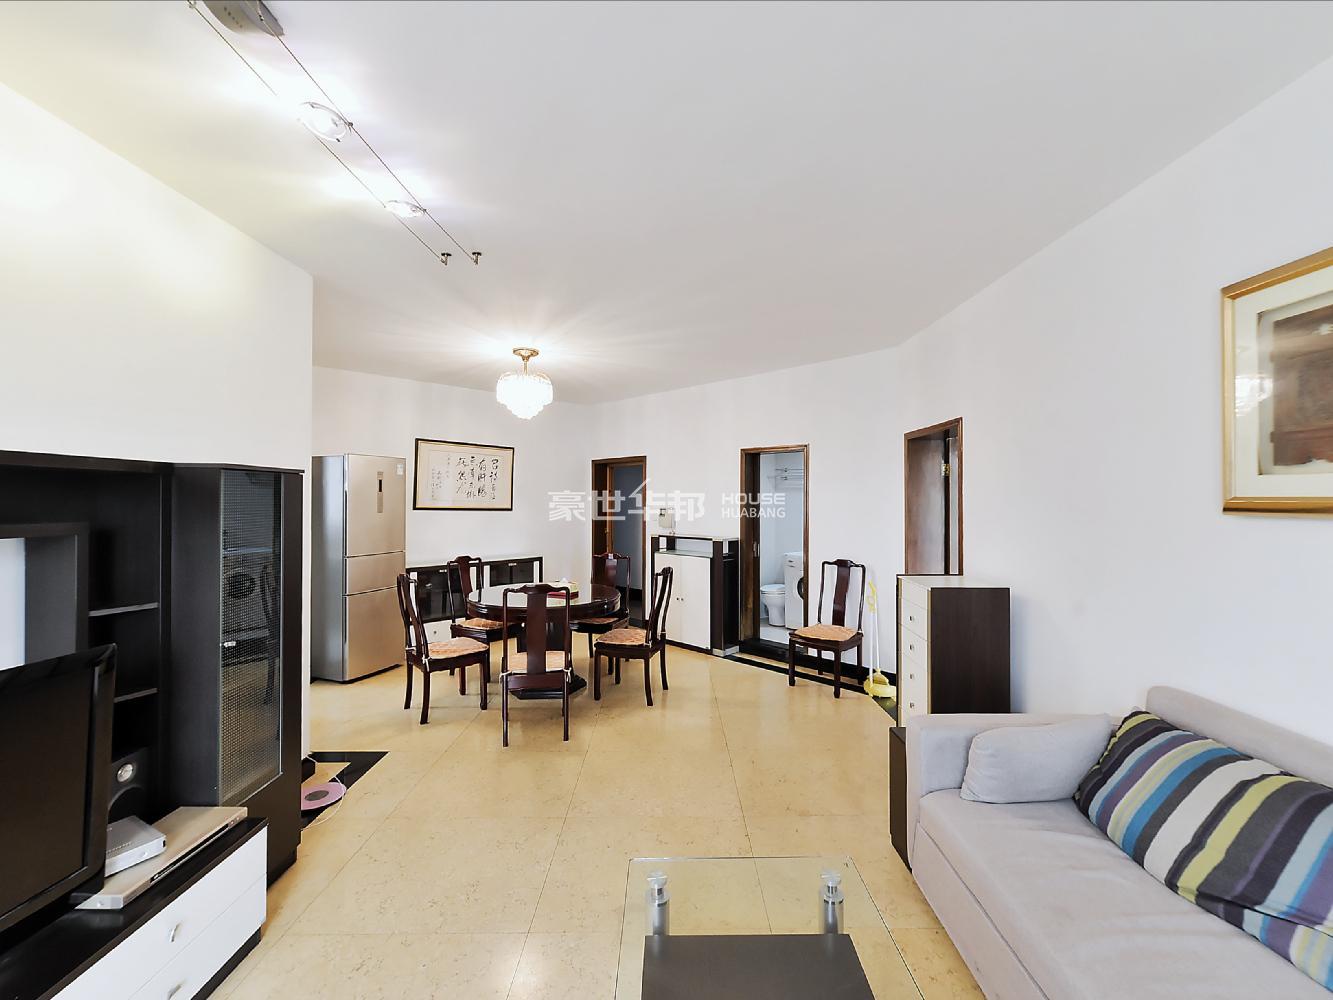 青蓝 总价低 2004年新房子 350万 3万8单价